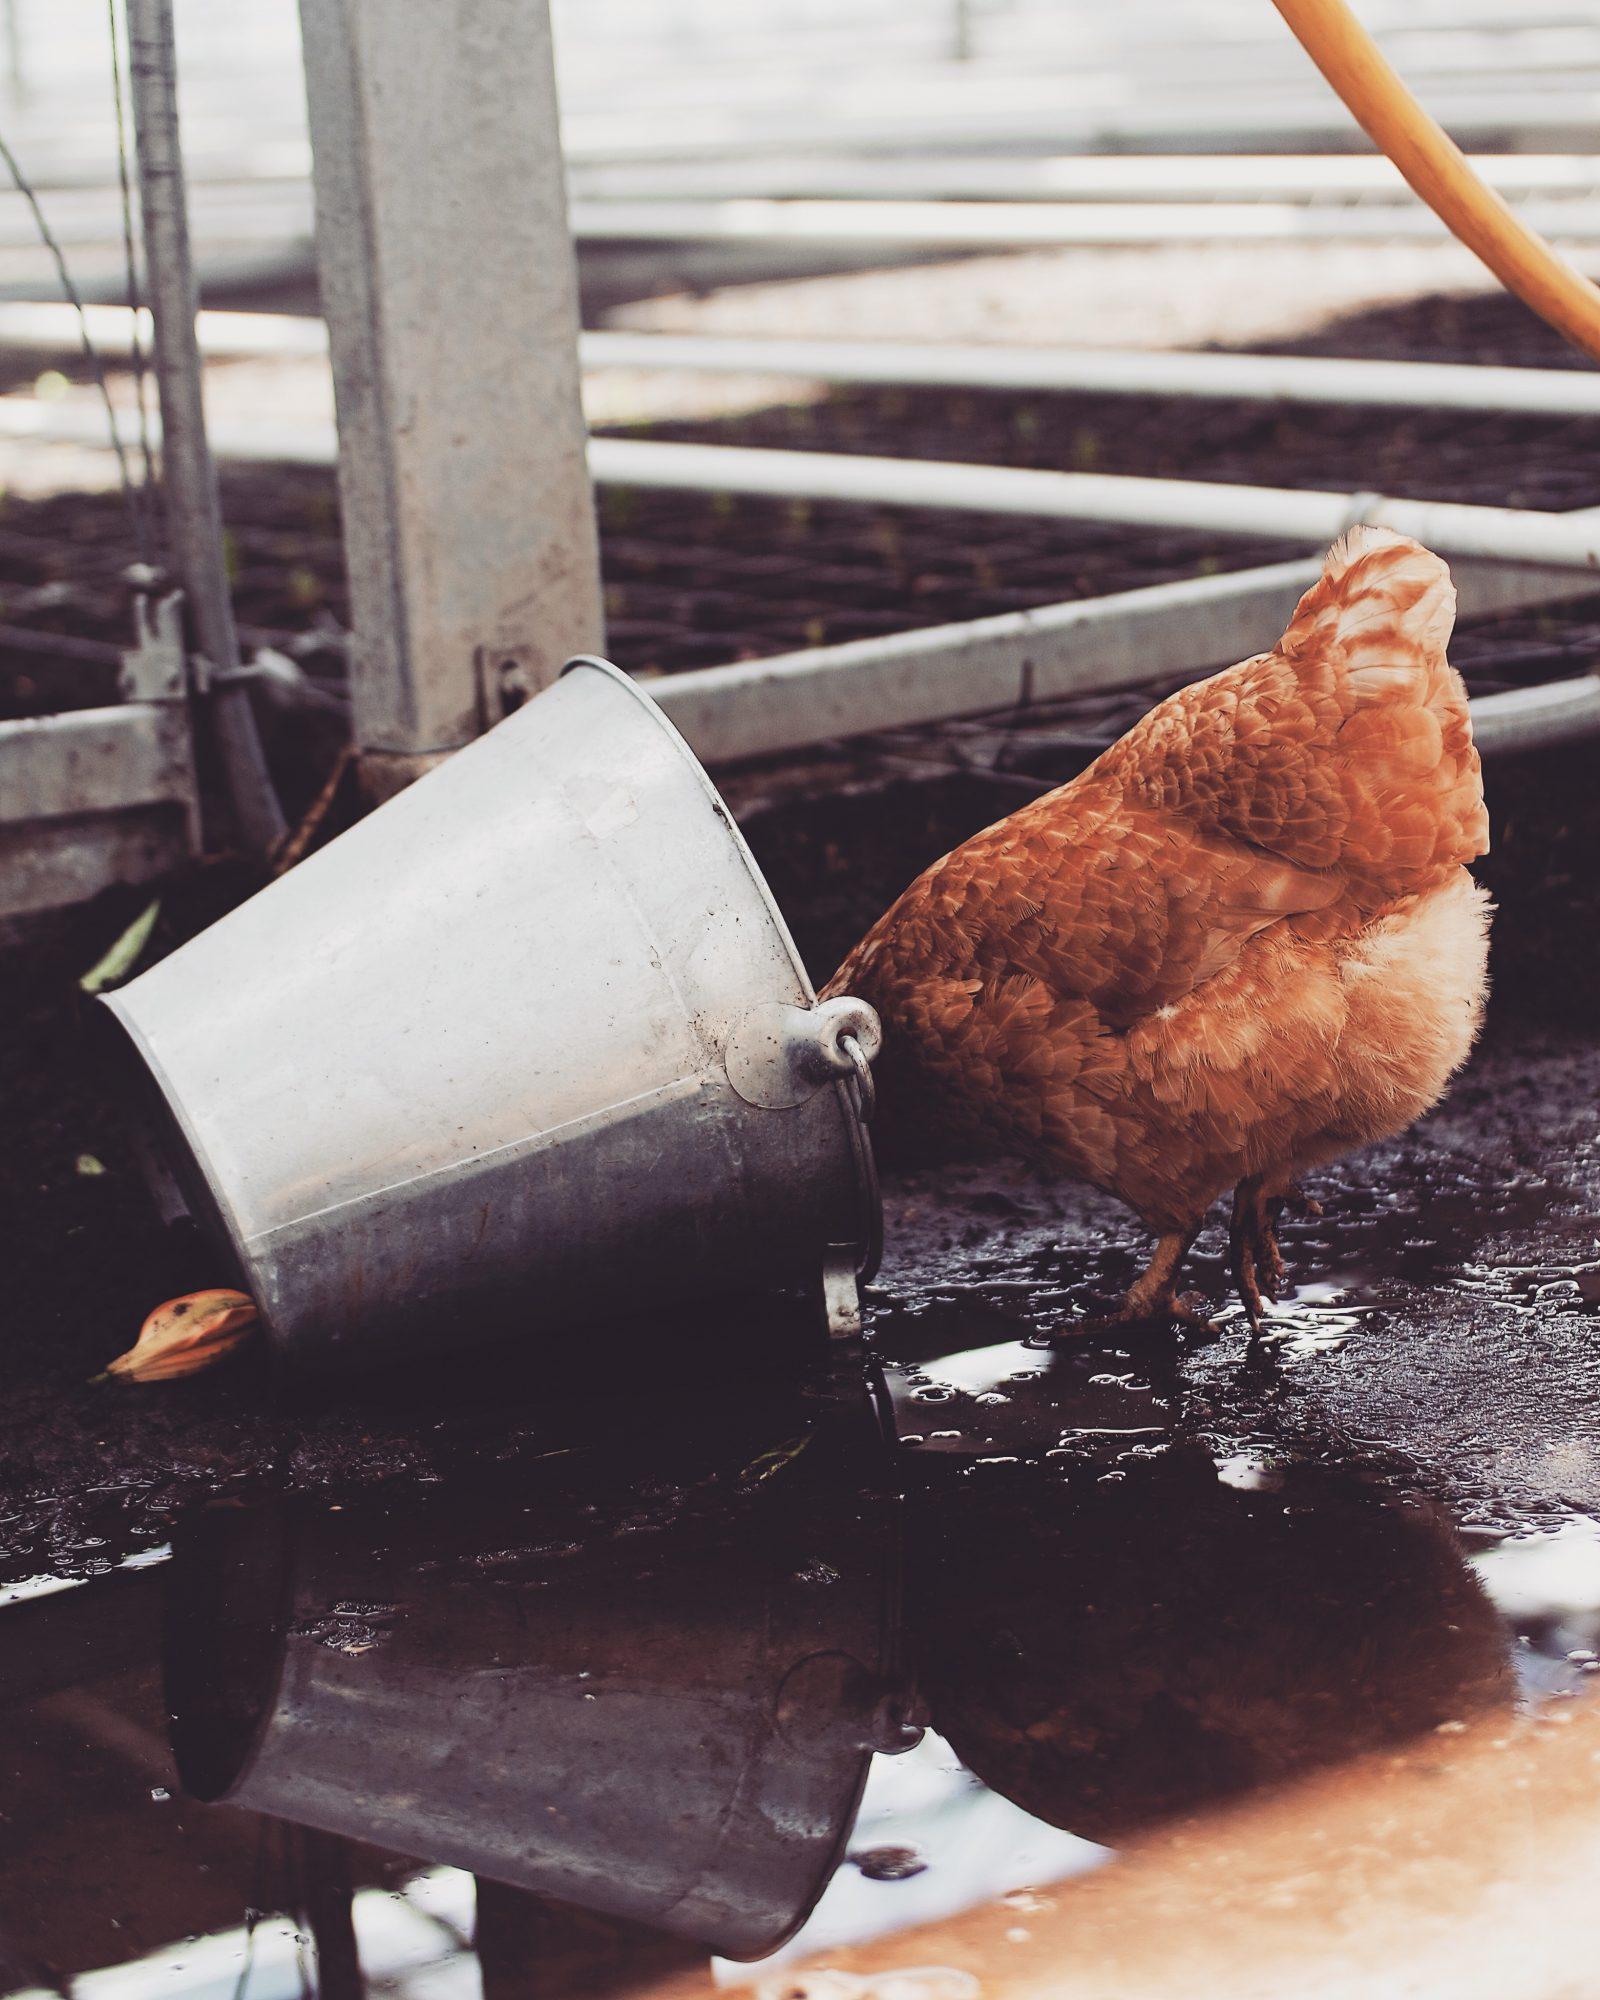 48 Hours Amsterdam - Chicken